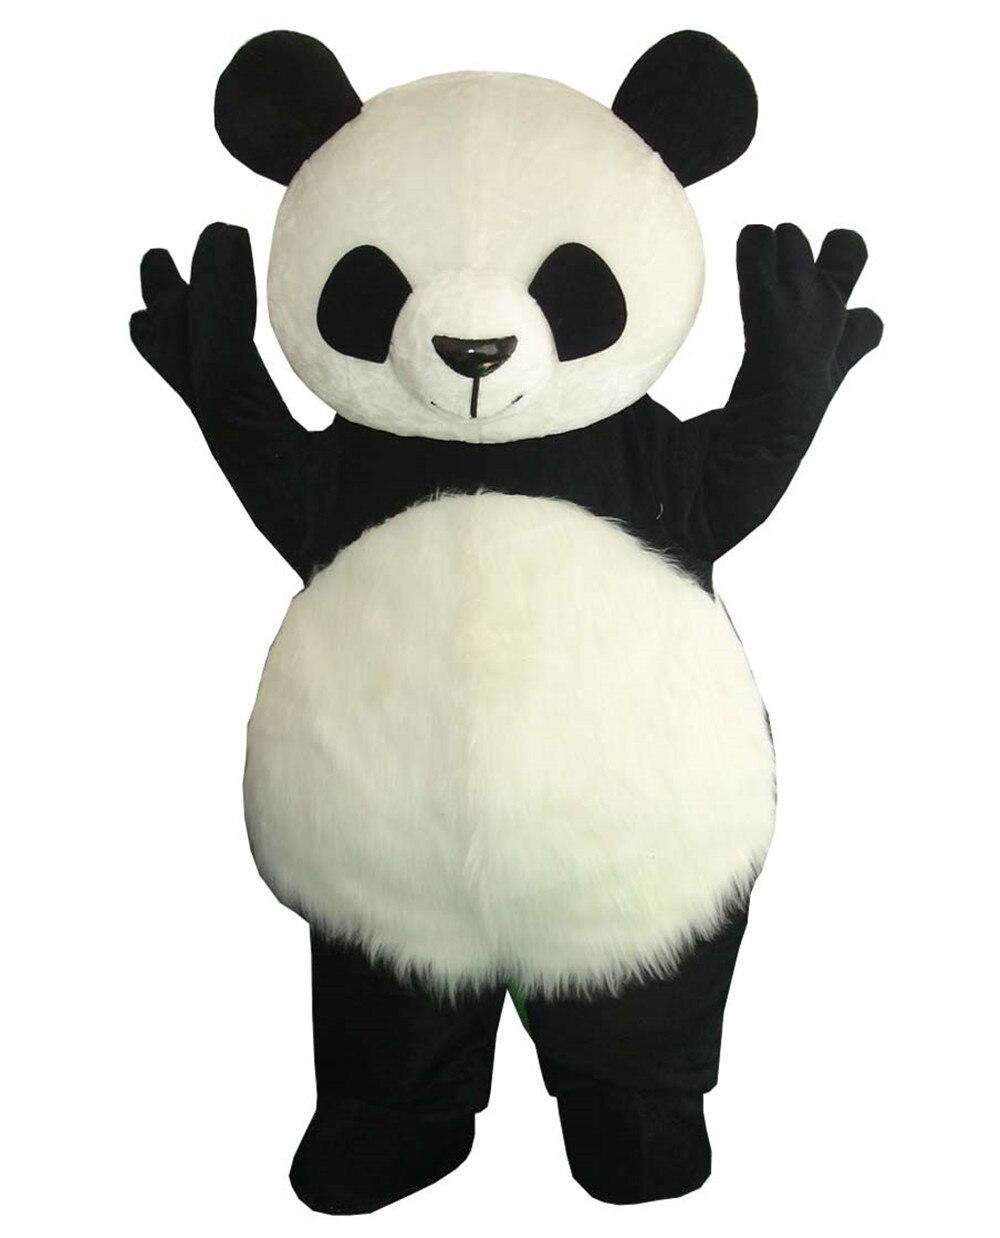 Großhandel New Chinese Riesen Panda Maskottchen Kostüm Weihnachten cosplay Maskottchen-kostüm Geben Verschiffen Frei